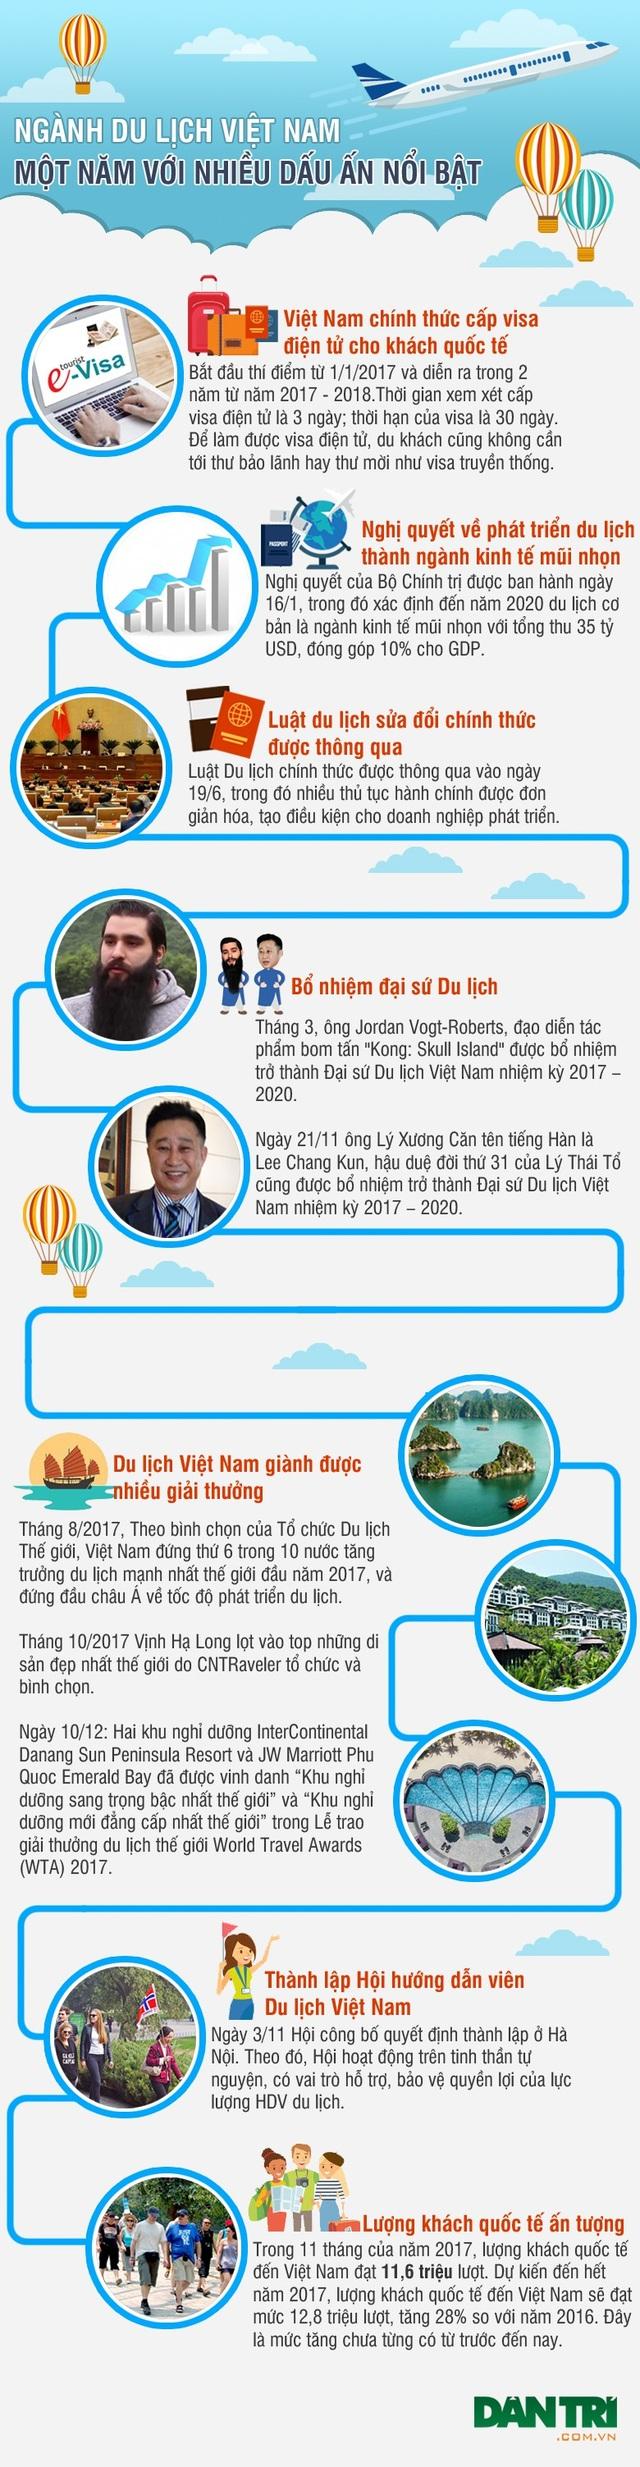 Điểm danh những dấu ấn nổi bật của du lịch Việt Nam năm 2017 - 1